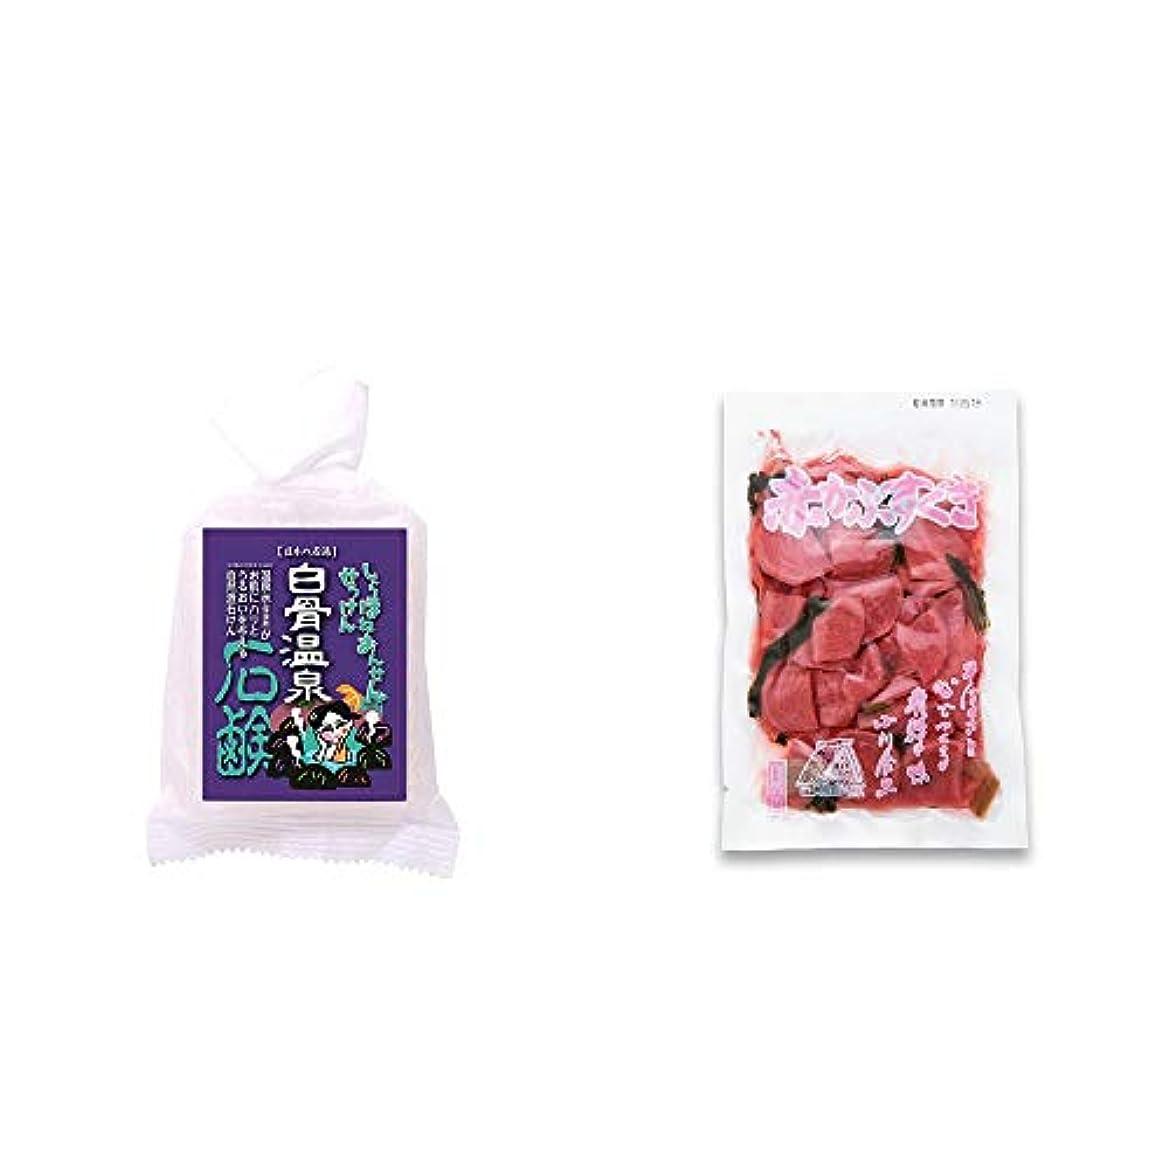 ビットスポーツクレタ[2点セット] 信州 白骨温泉石鹸(80g)?赤かぶすぐき(160g)